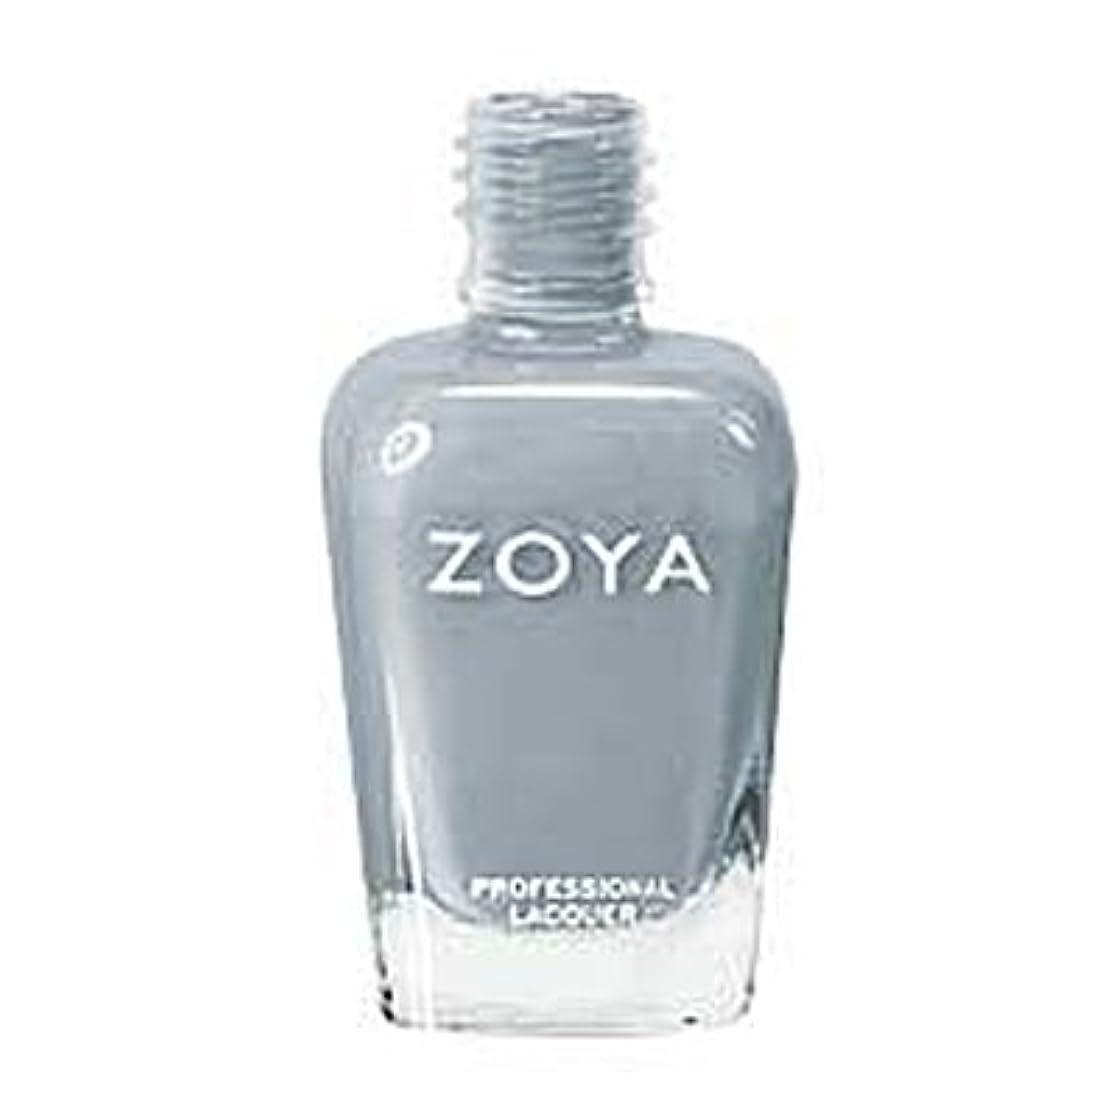 モトリー奨励好き[Zoya] ZP591 クリスティン [Feel Collection][並行輸入品][海外直送品]